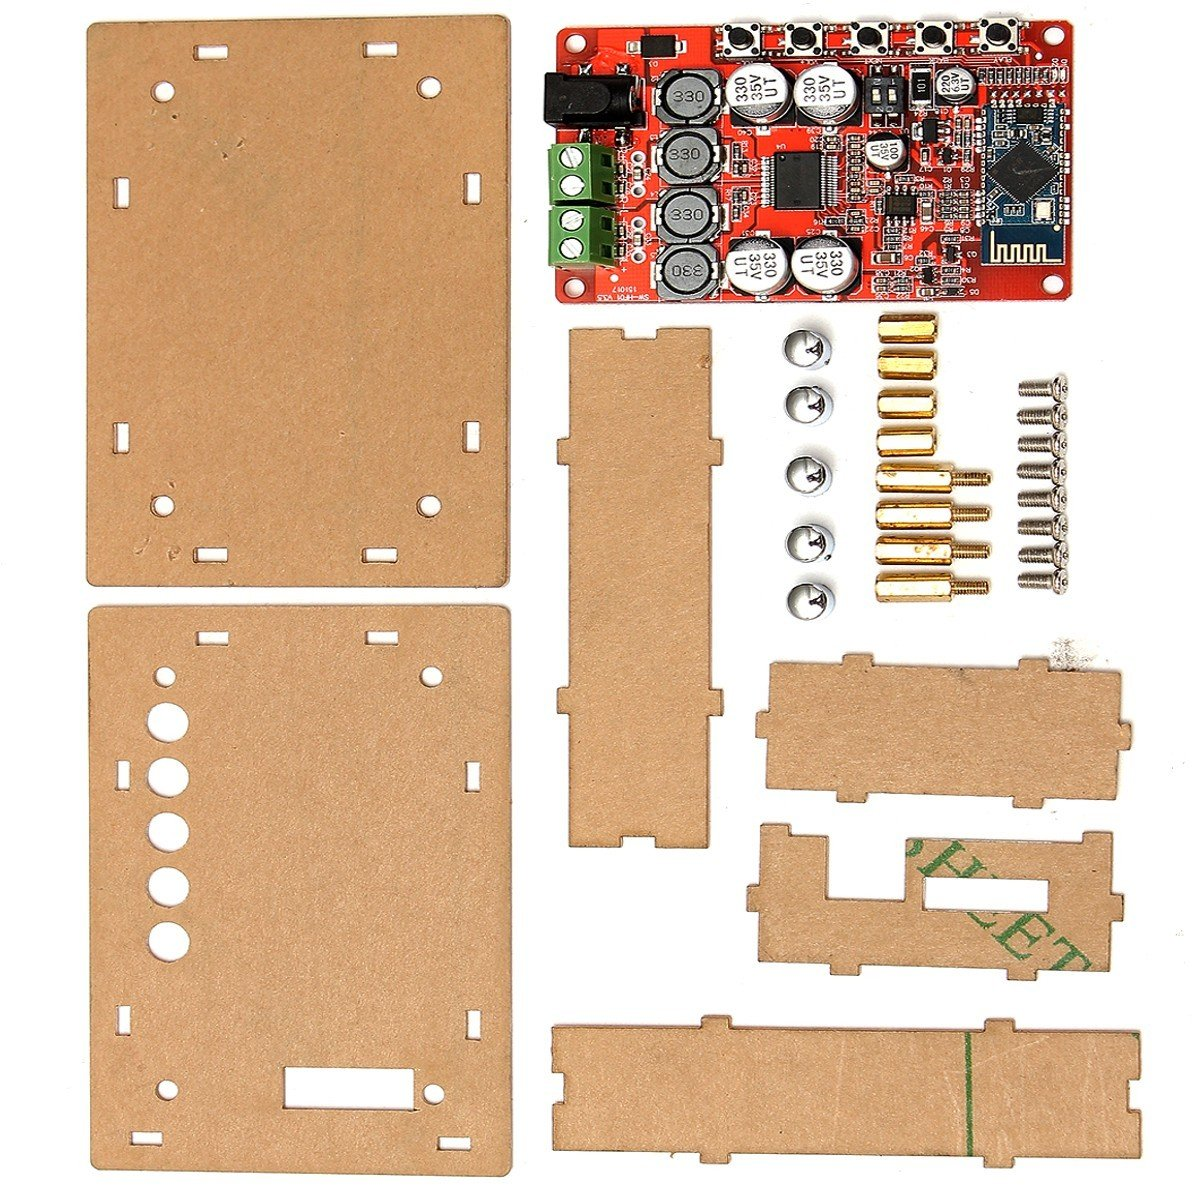 tda7492p manual